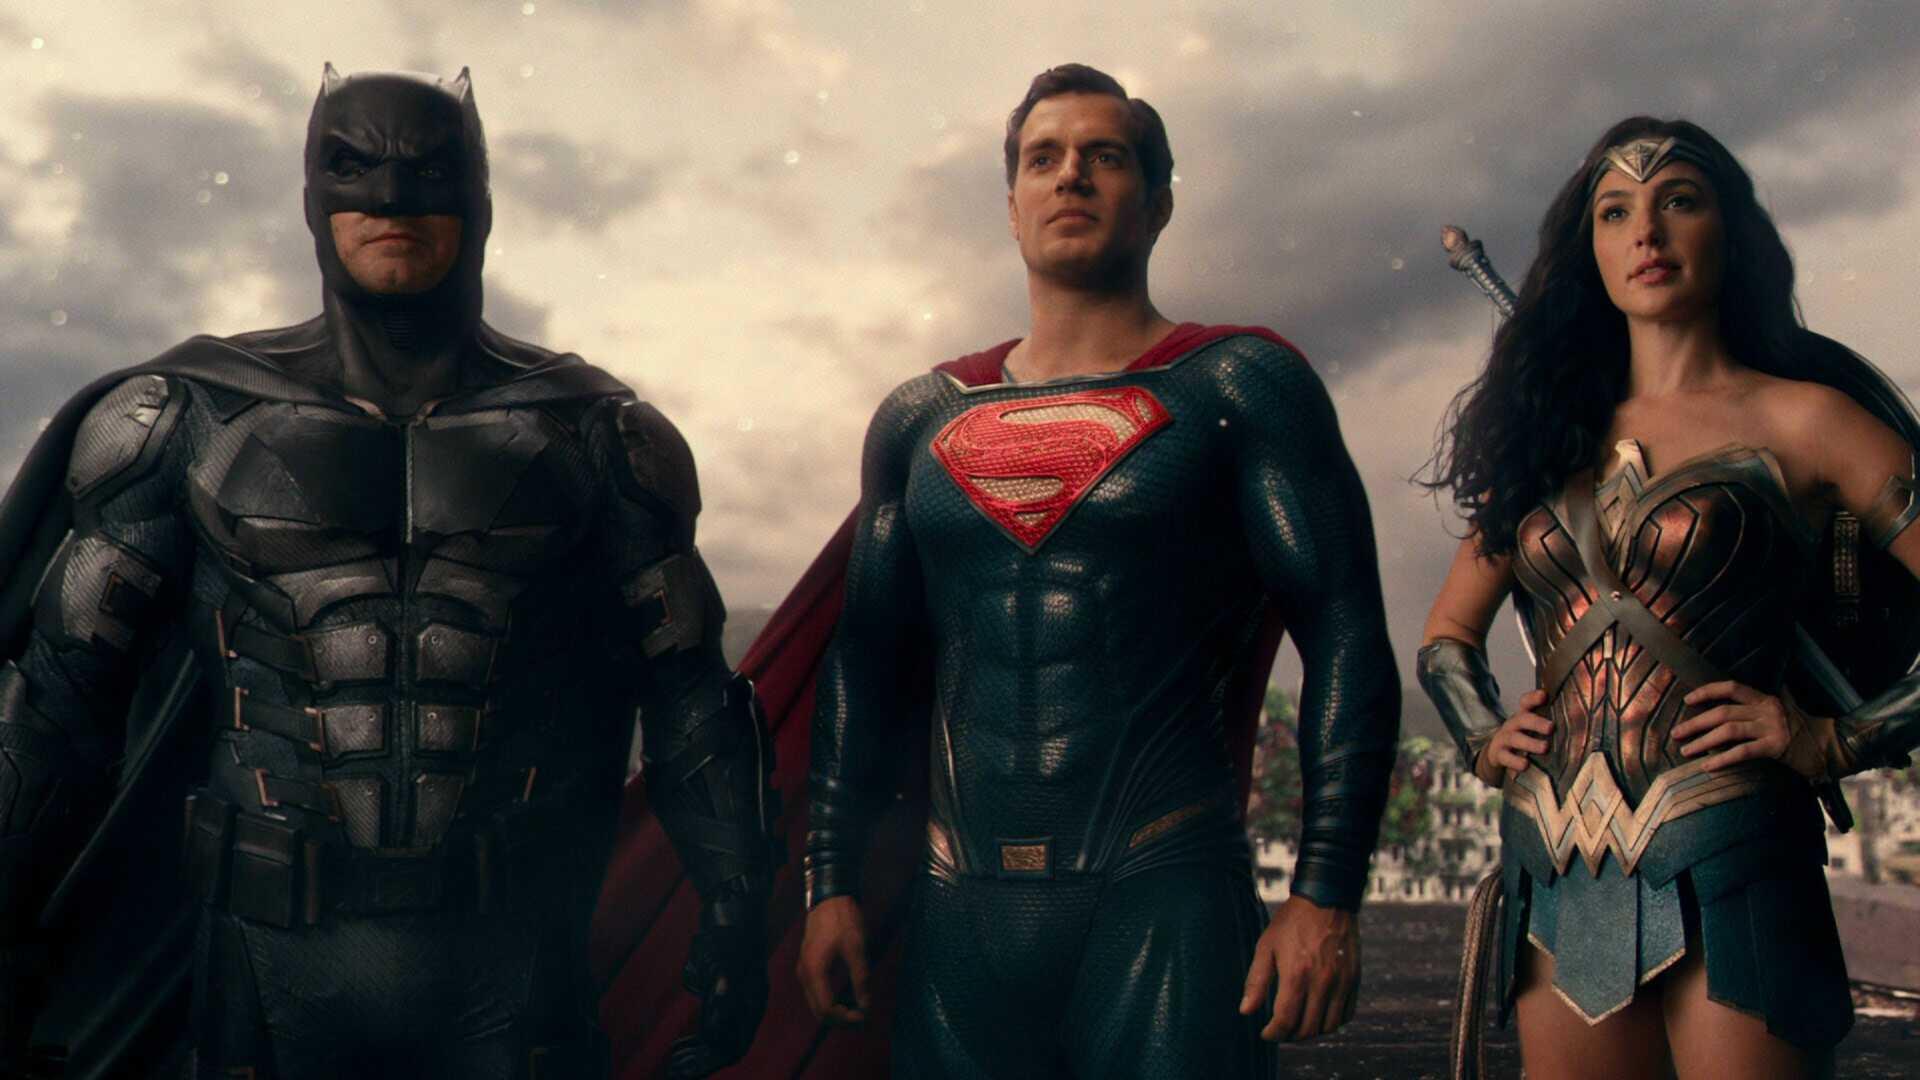 Wonder Woman Justice League 4k Fan Art Hd Movies 4k: 1920x1080 Batman Superman Wonder Woman In Justice League